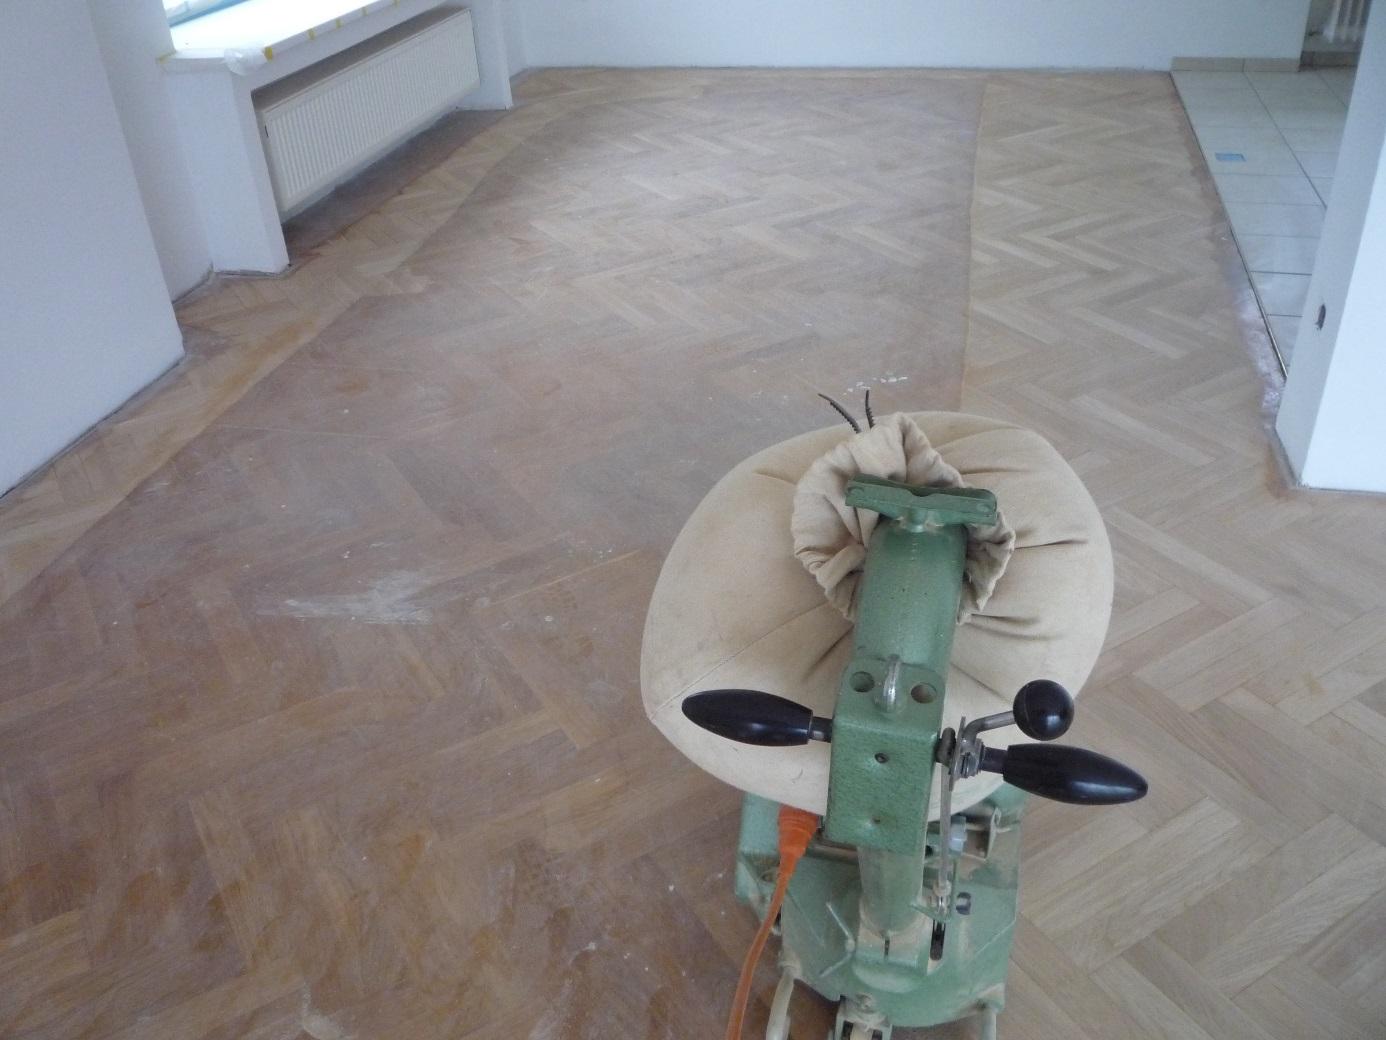 parkett meuth warstein renovieren von parkett und dielen parkett meuth warsteinparkett meuth. Black Bedroom Furniture Sets. Home Design Ideas